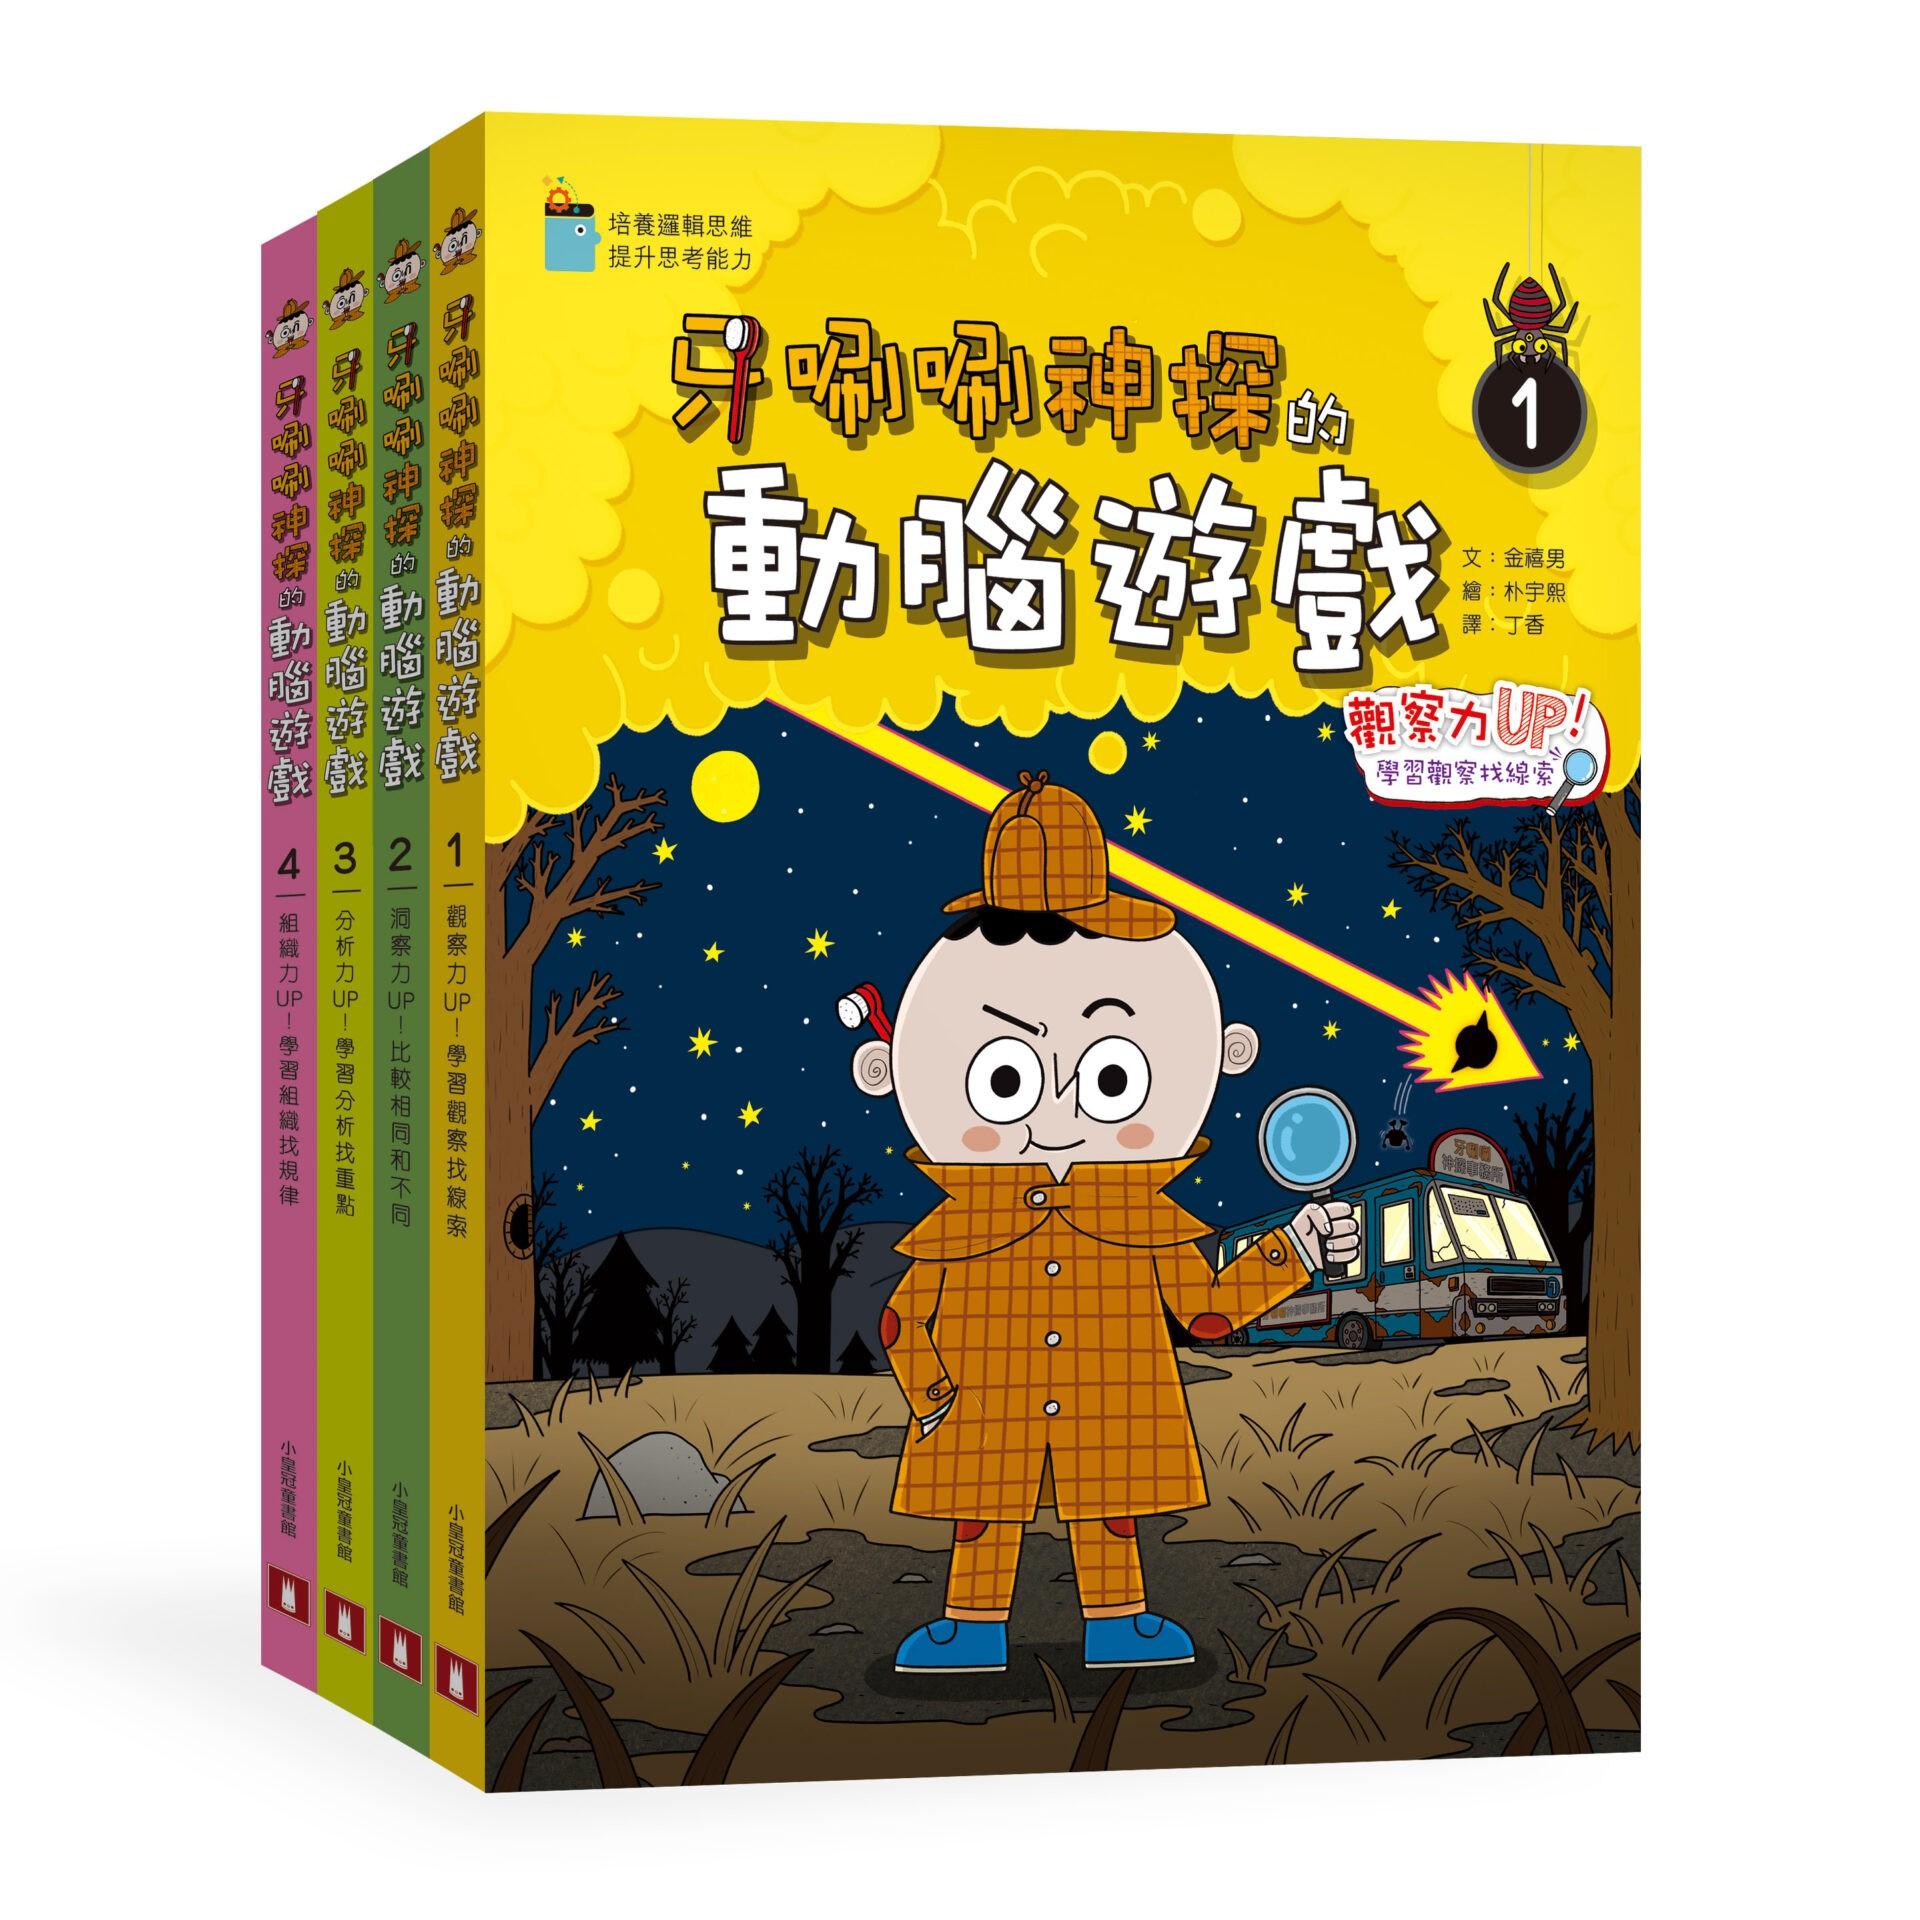 牙唰唰神探的動腦遊戲系列  1至4冊